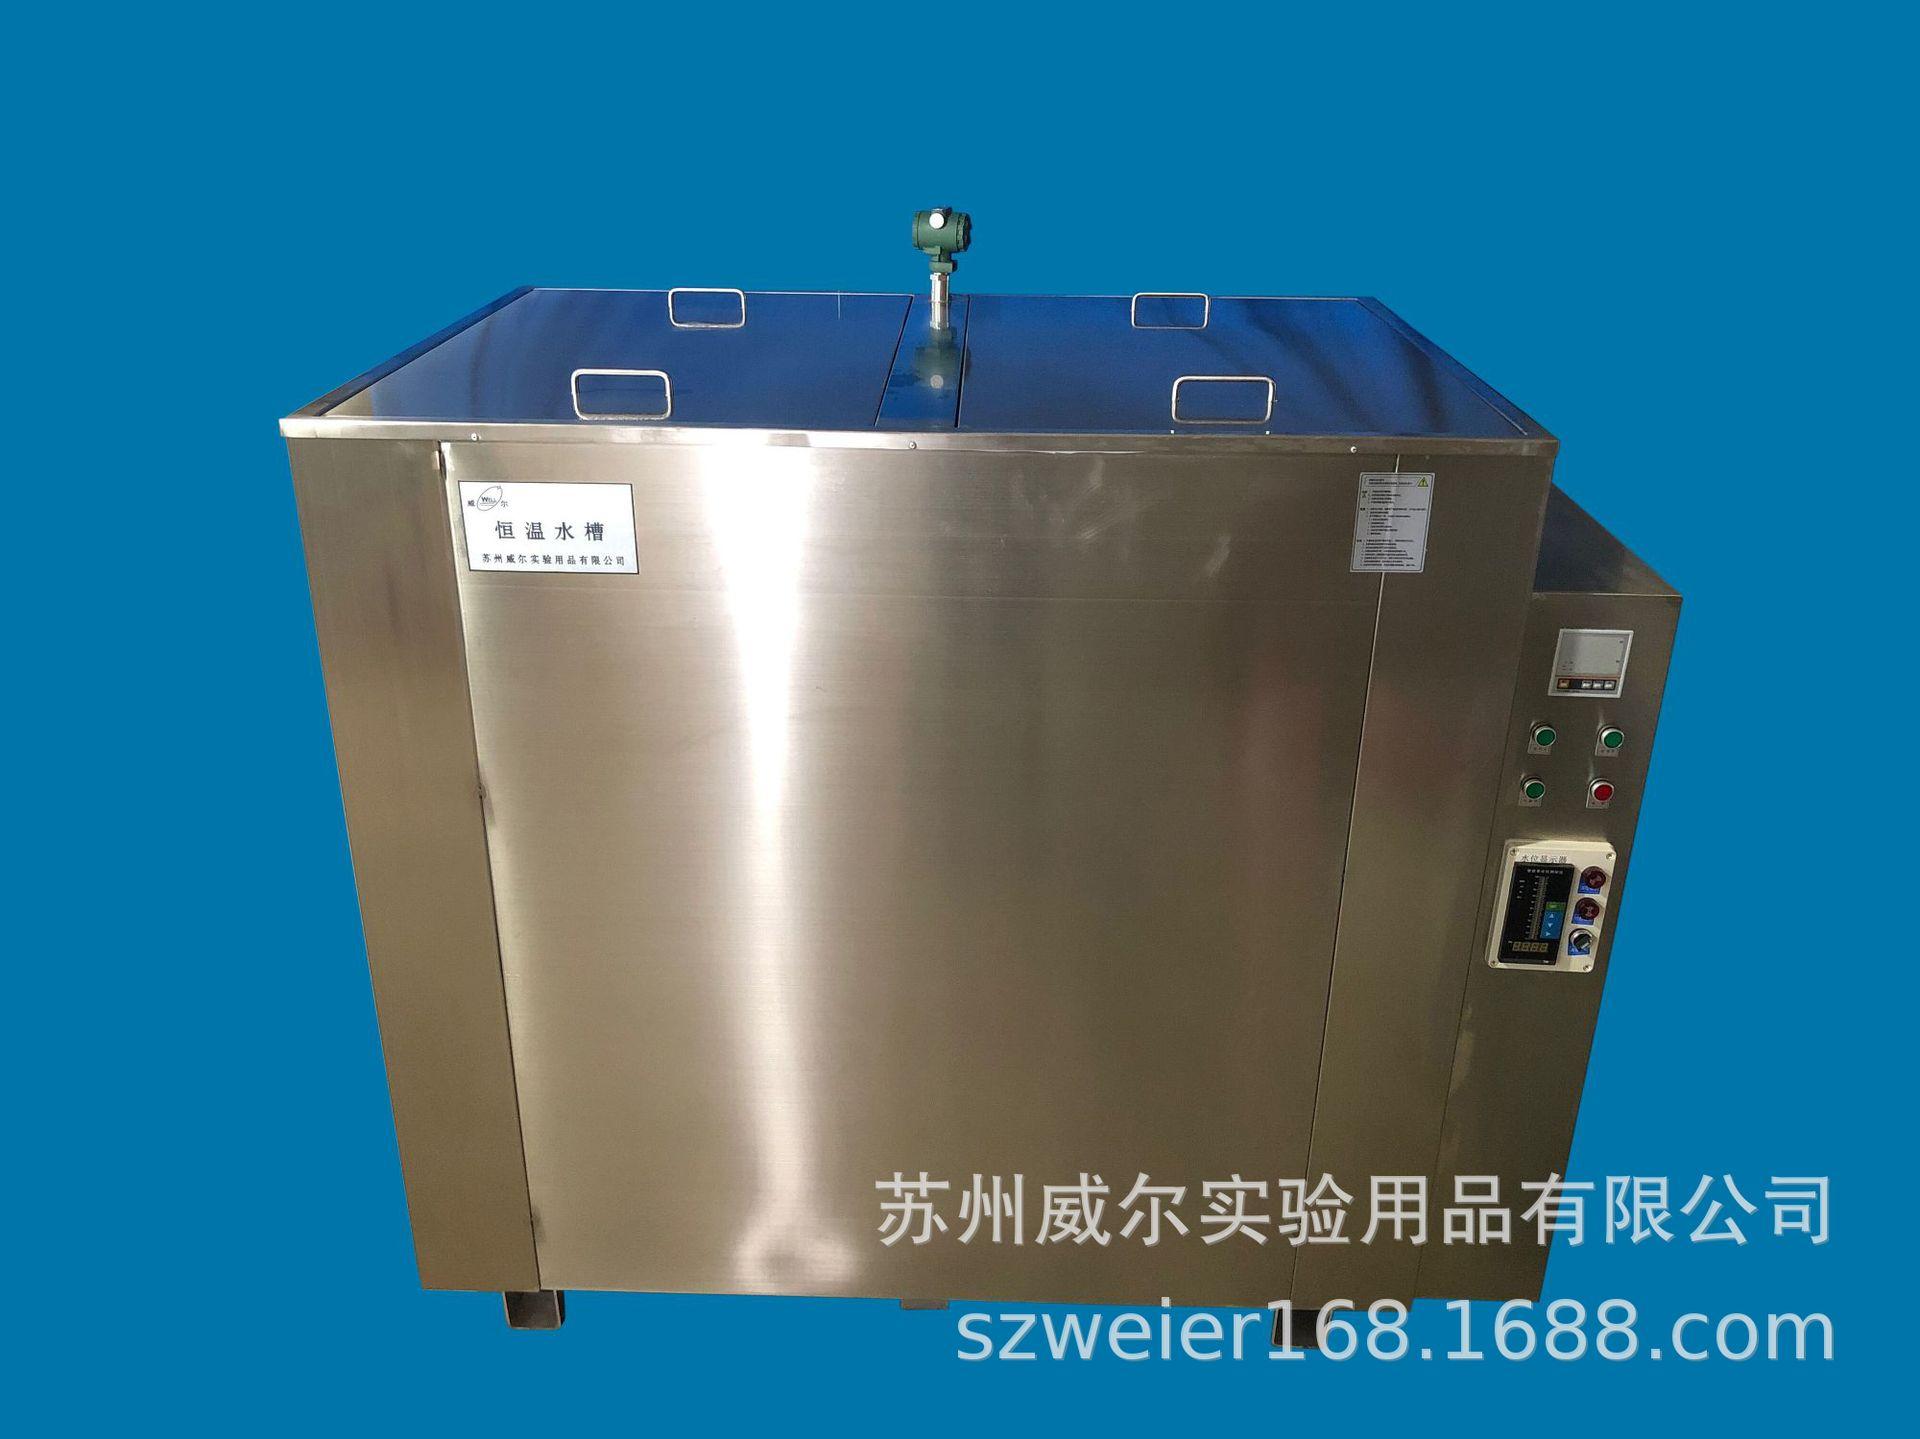 供应苏州威尔不锈钢恒温水箱恒温水槽三用水箱恒温循环水箱